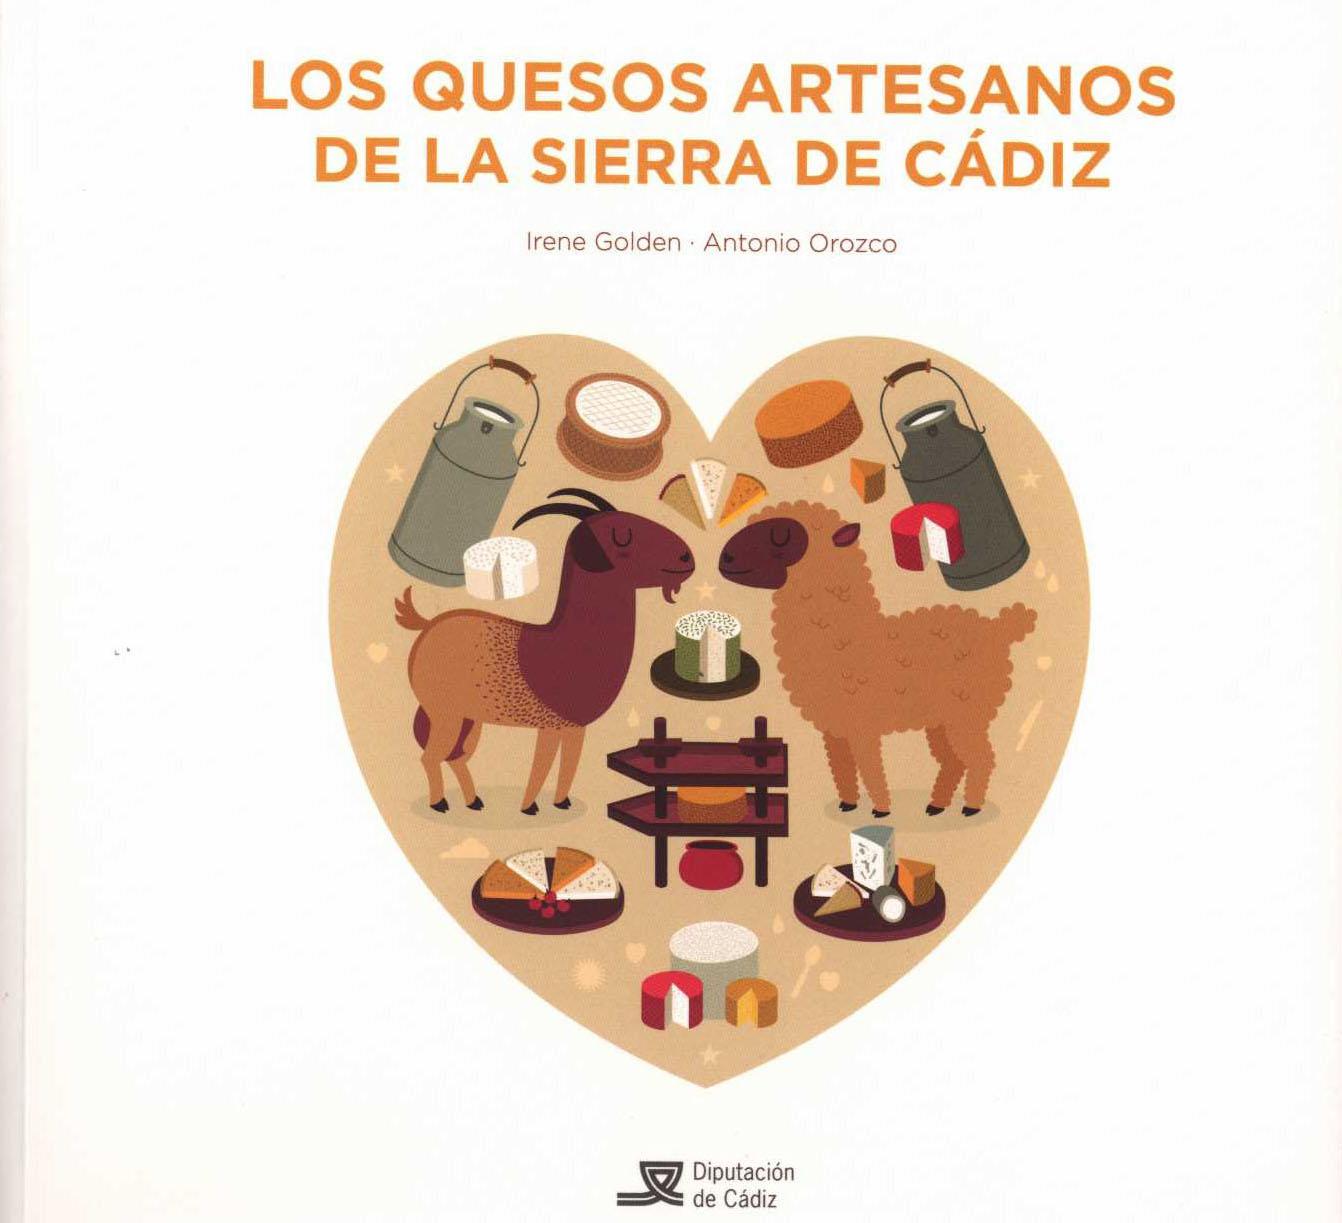 Los Quesos Artesanos De La Sierra De Cádiz Blog Hedonista Blog